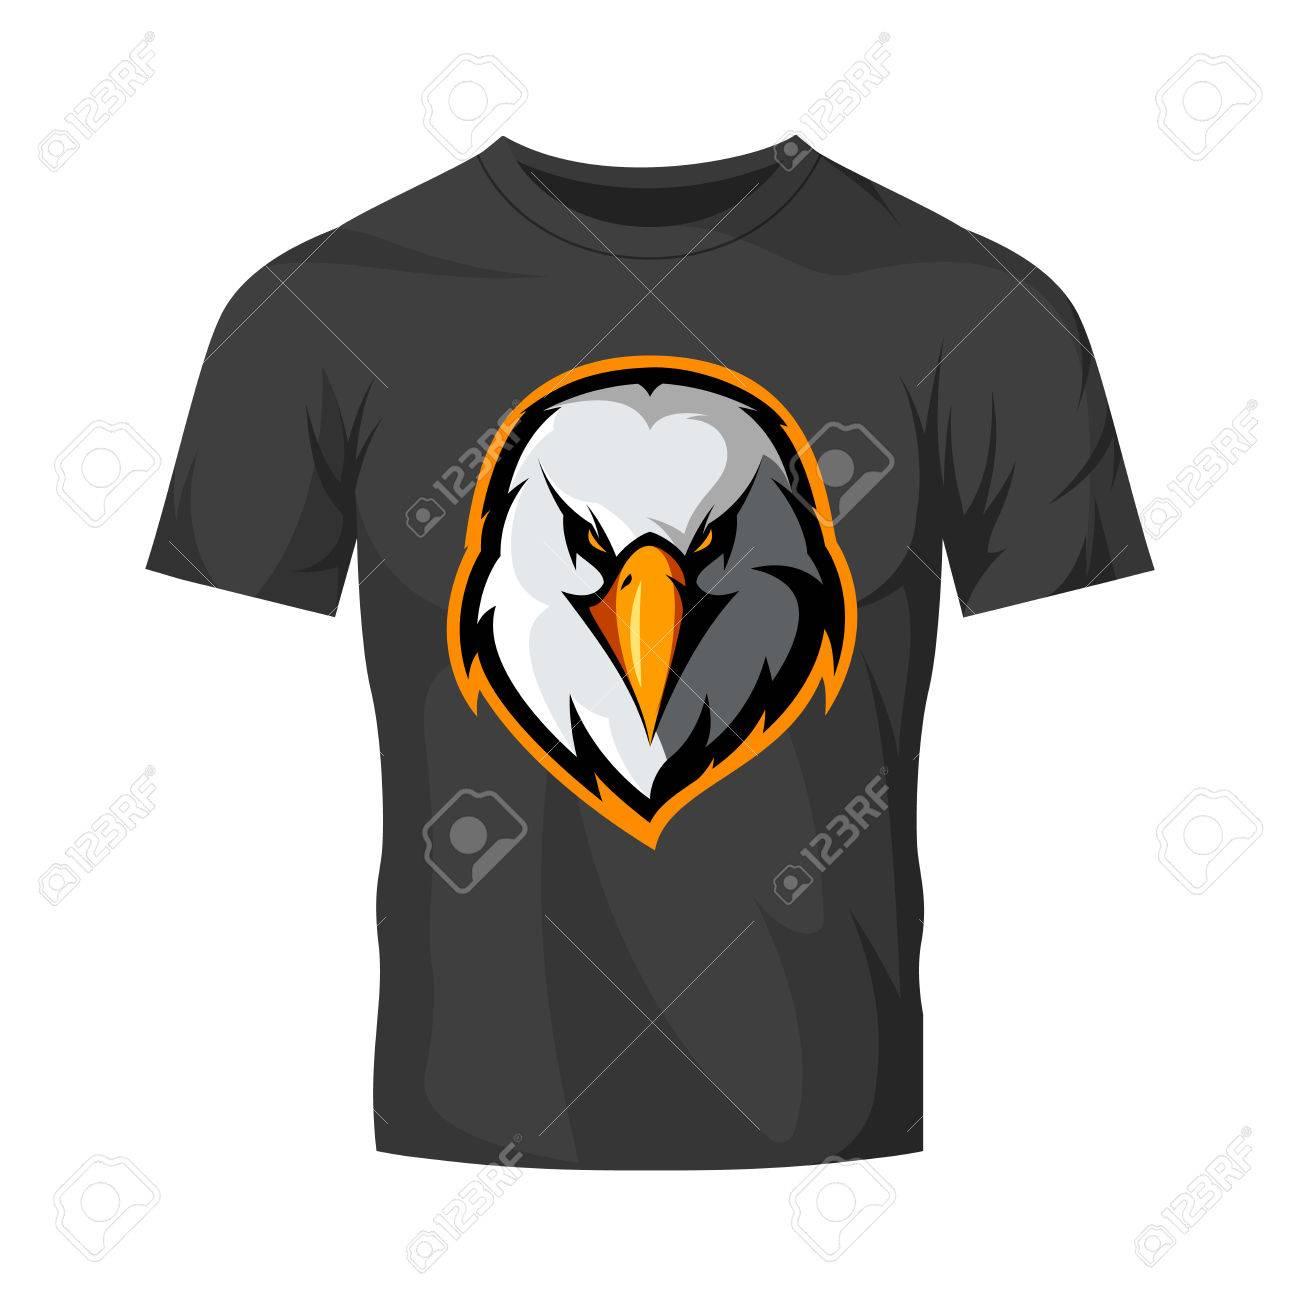 Furious eagle head club athlétique logo vectoriel concept isolé sur maillot de t shirt noir.